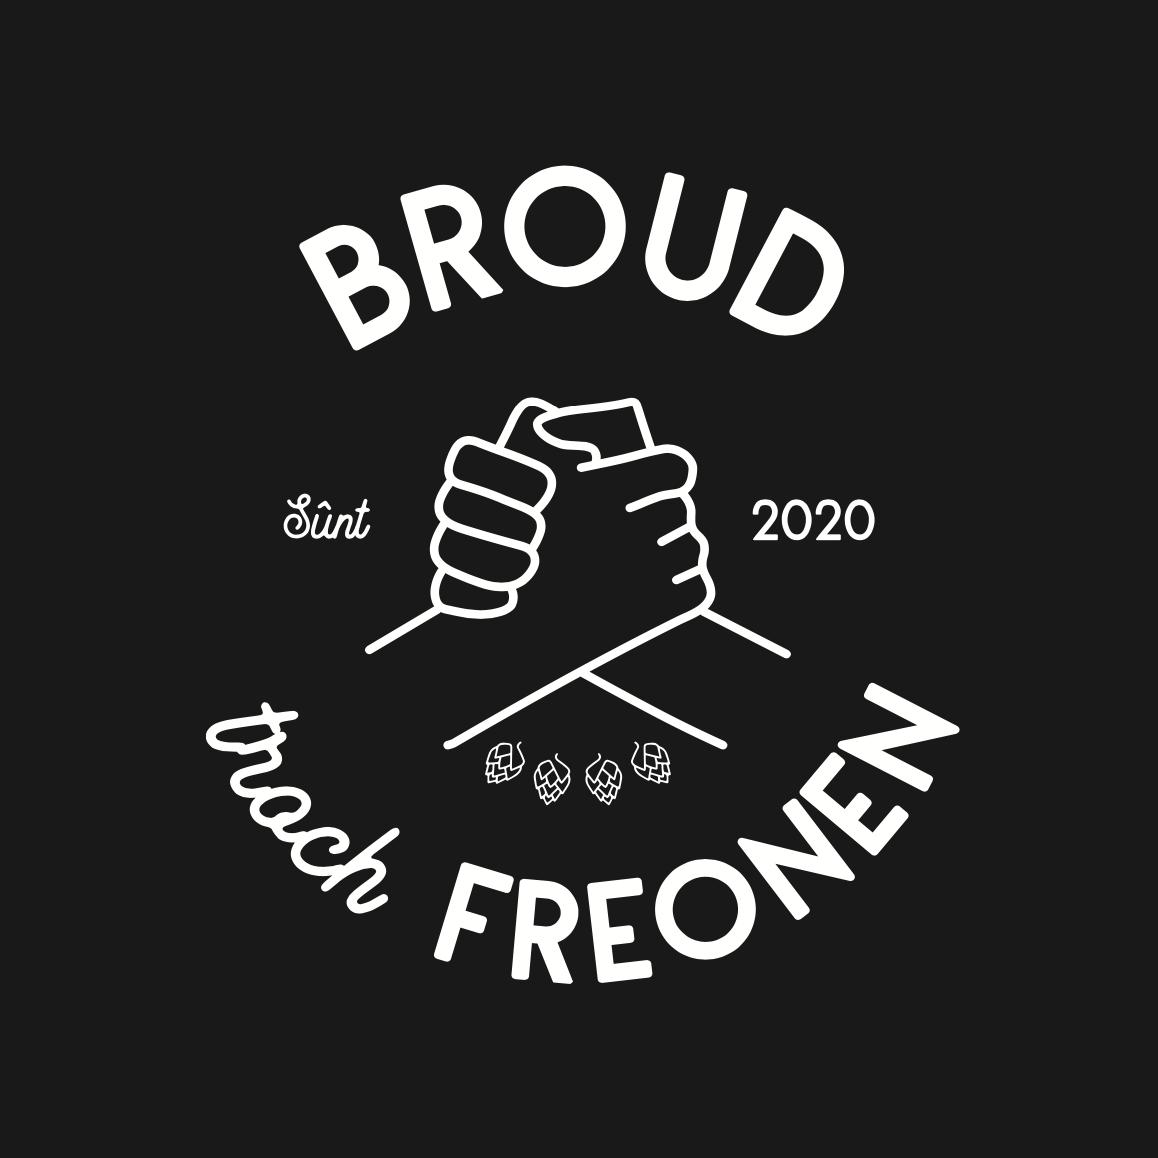 Broud Troch Freonen